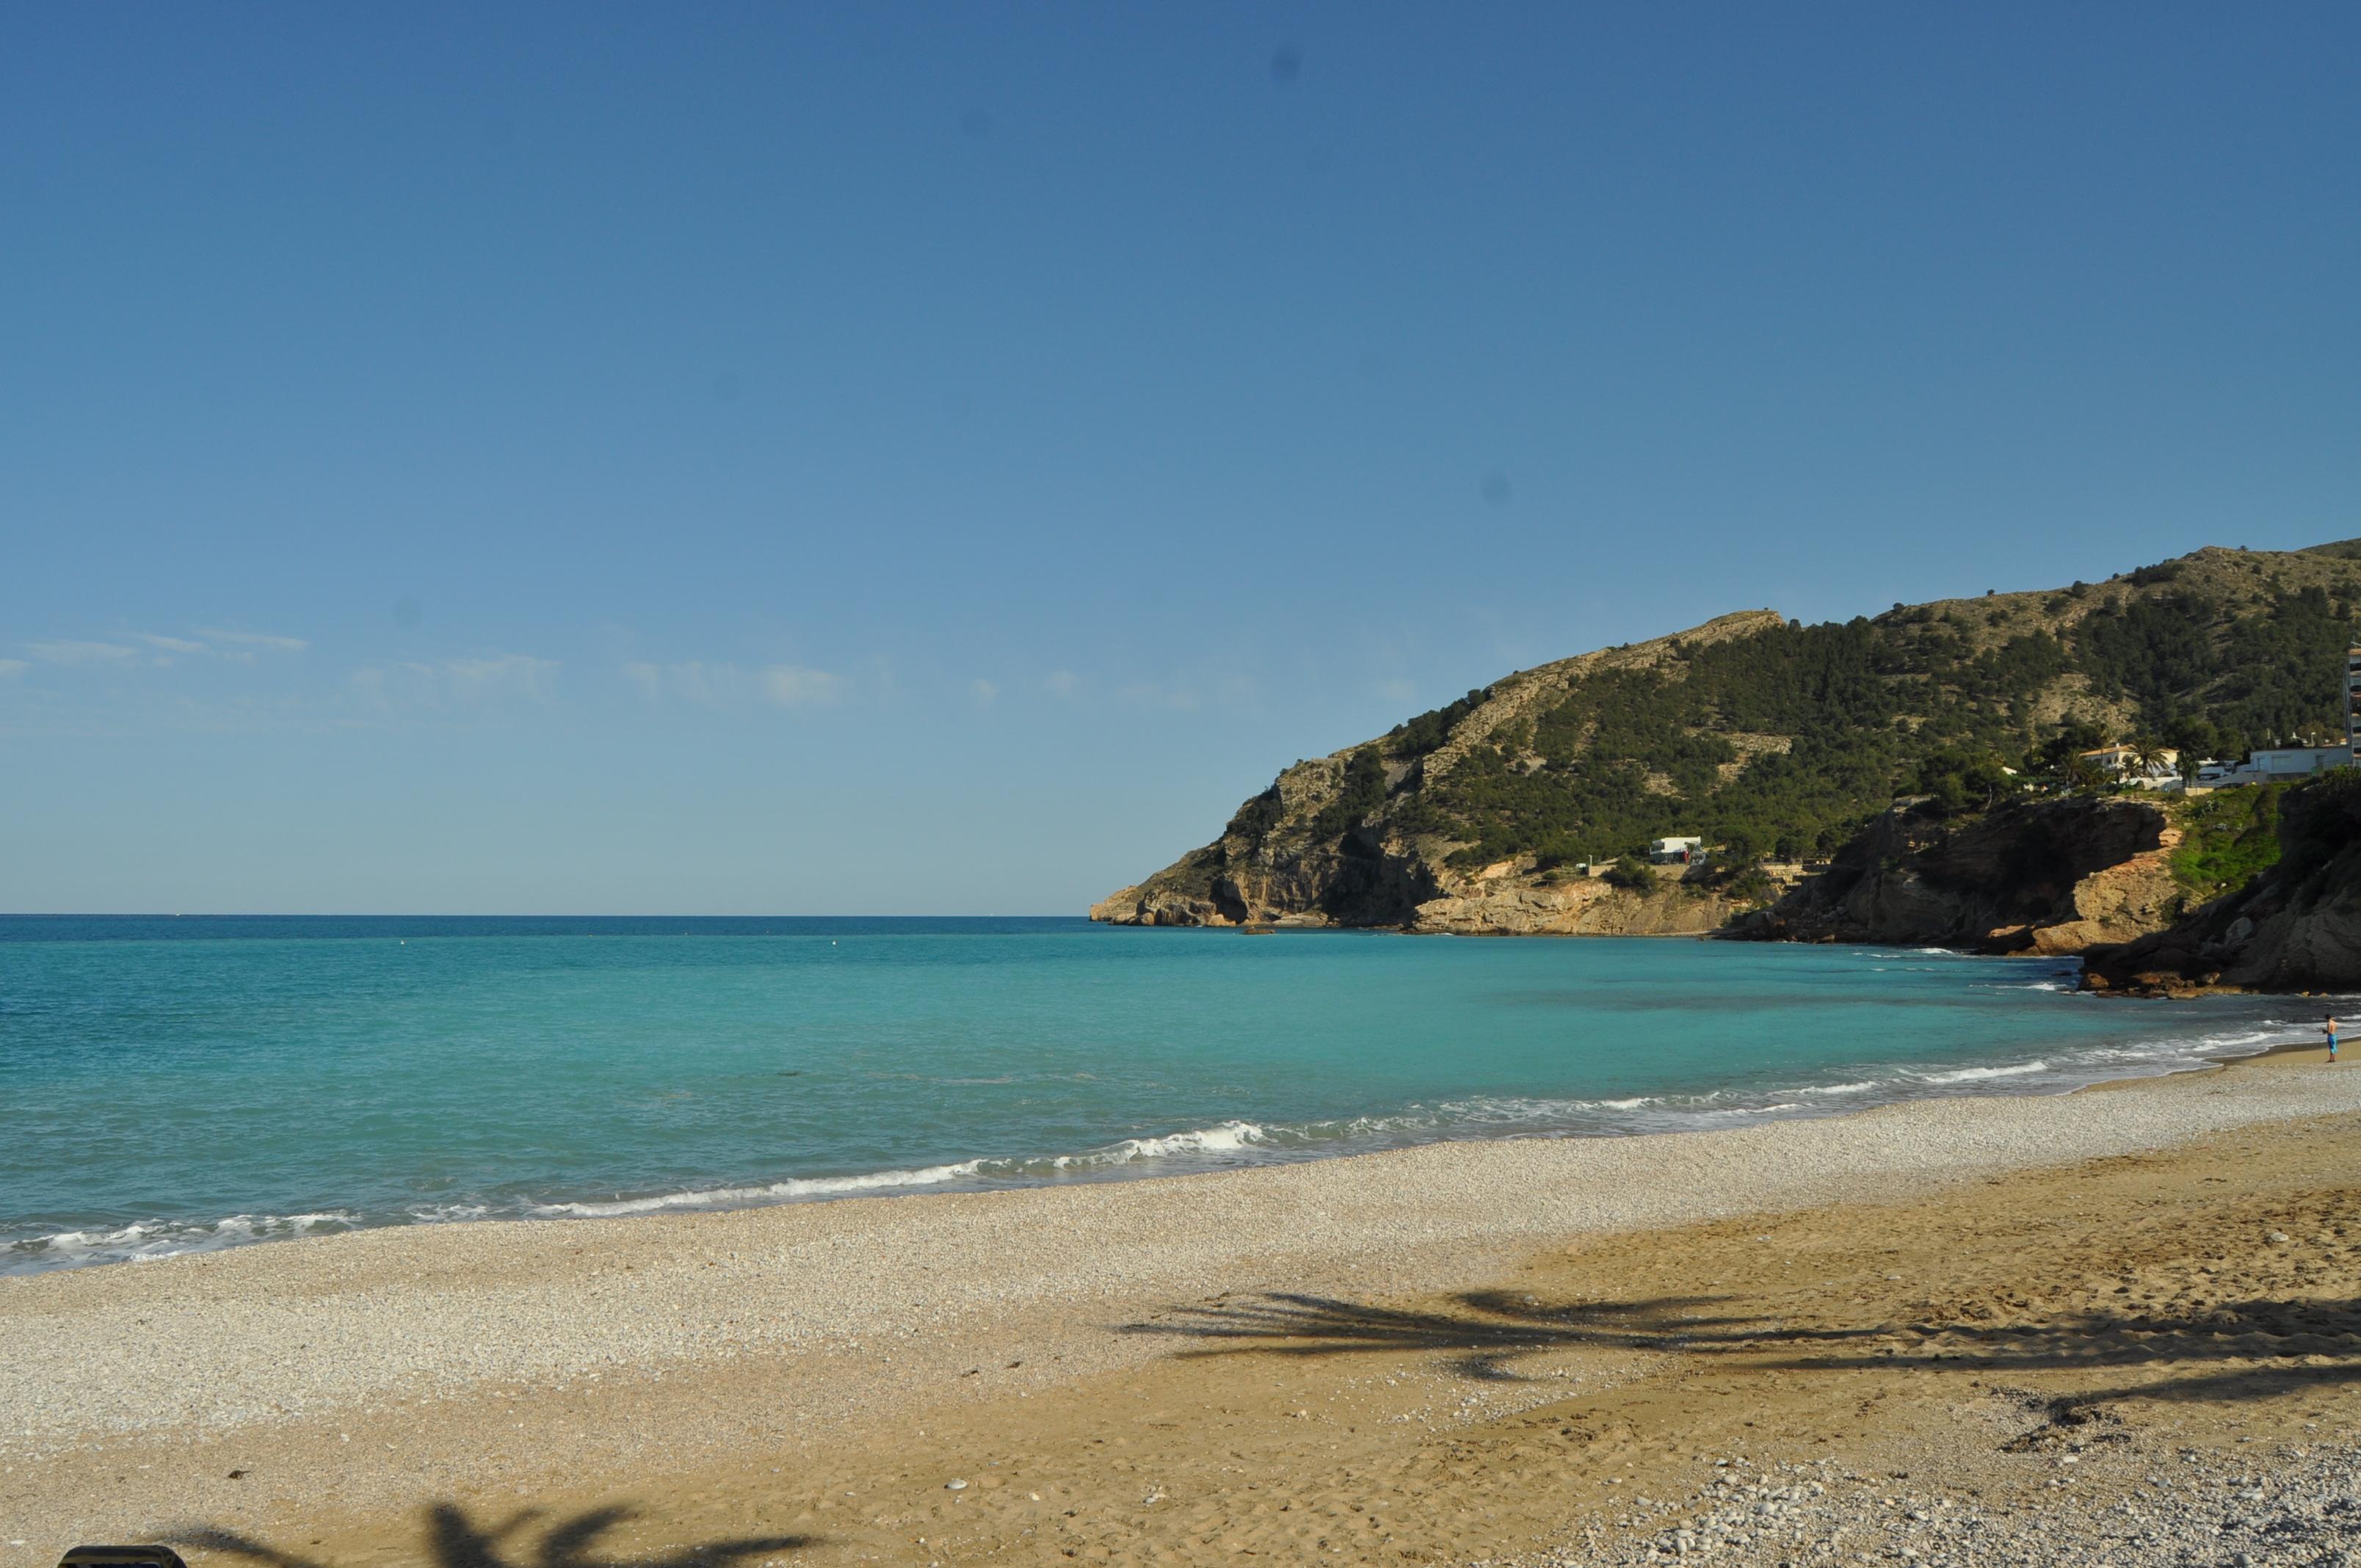 Playa El Albir / Playa del raco del Albir